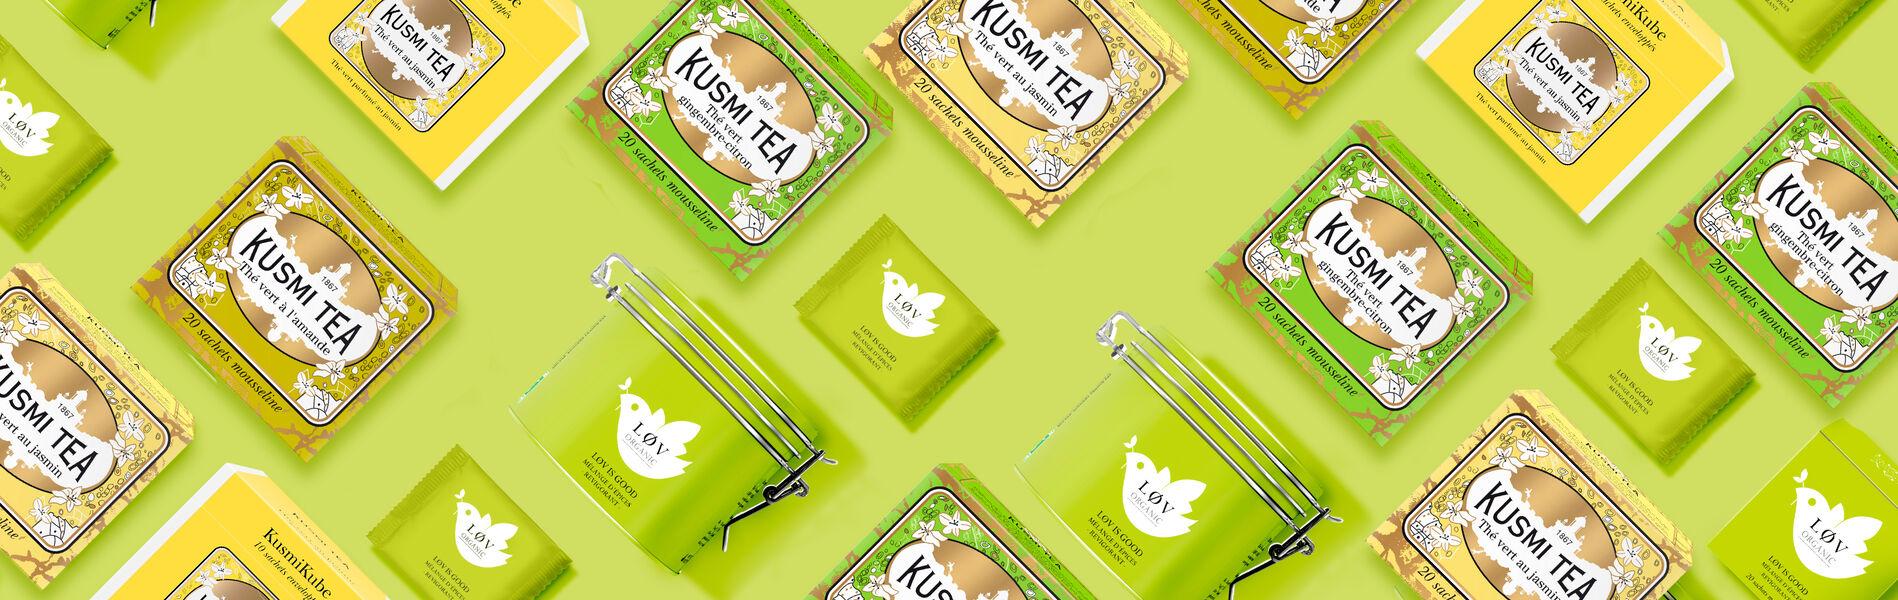 Poterie Goicoechea Pas Cher la sélection alain ducasse gift set with a tea infuser